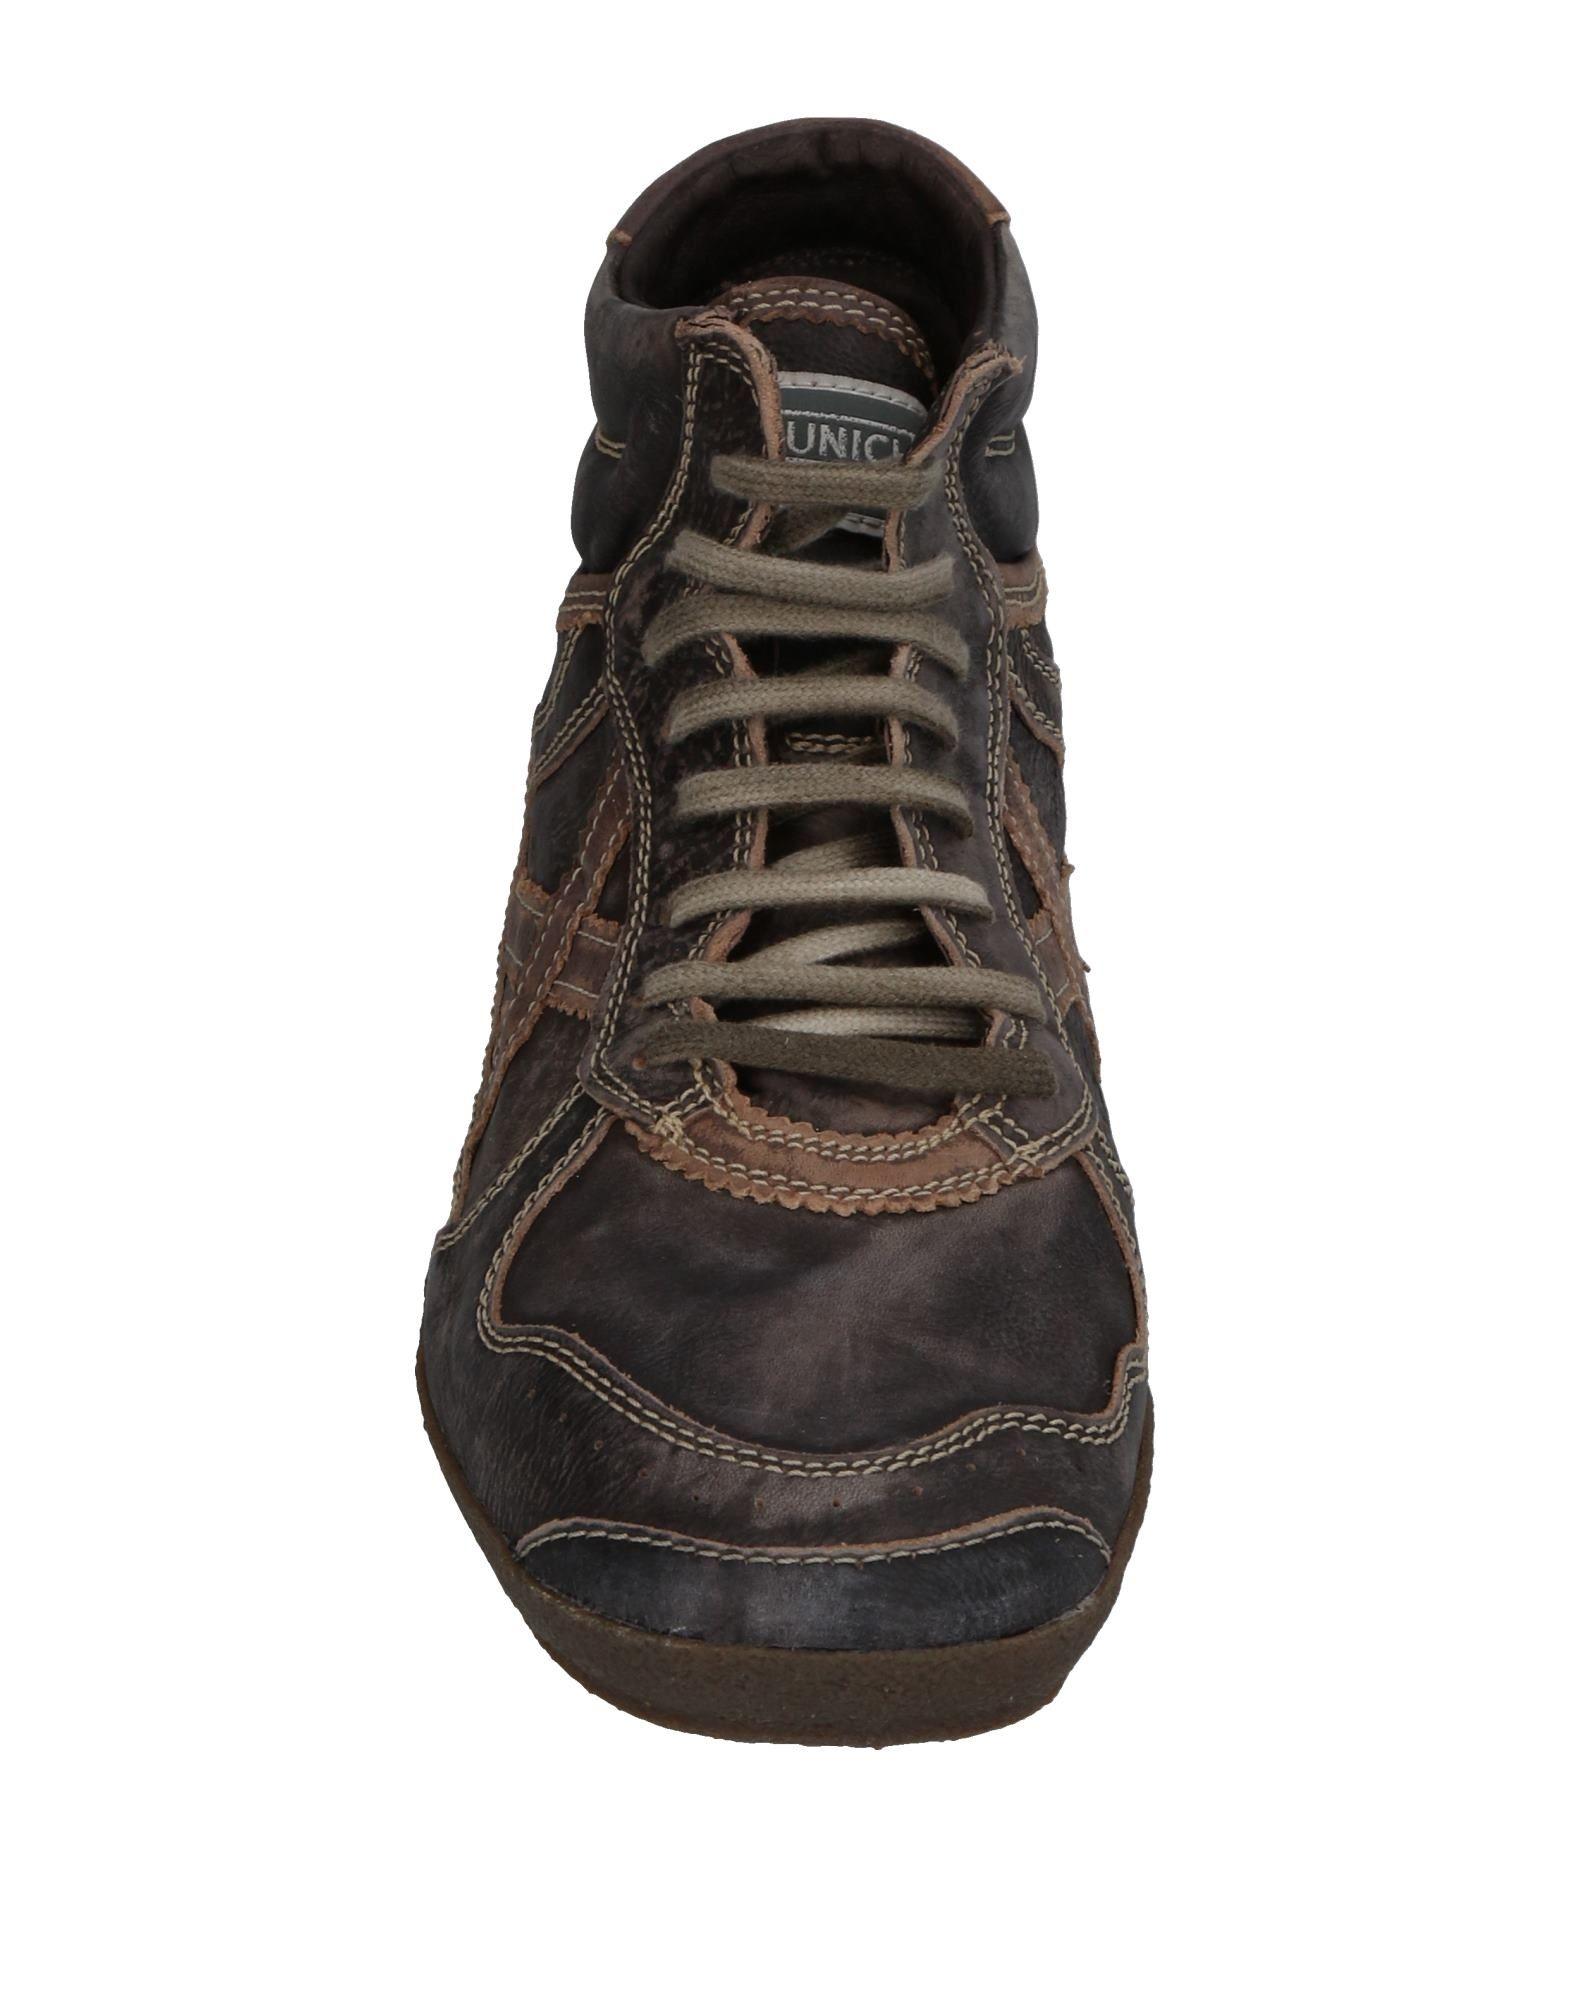 Munich Munich  Sneakers Herren  11446704IL 763ae7